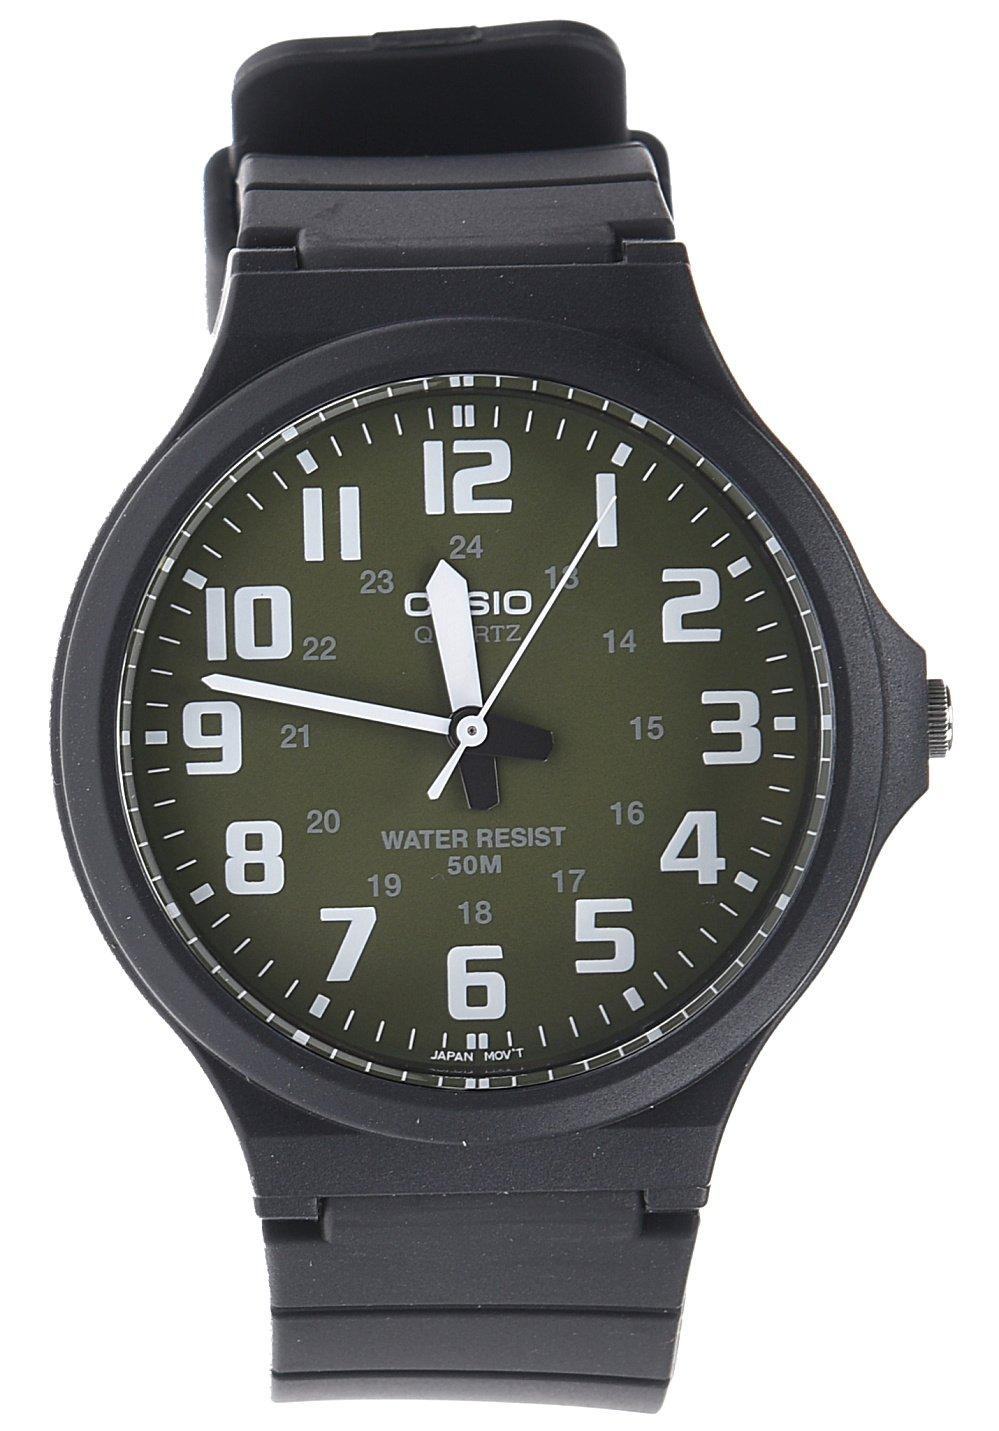 CASIO MW-240-3BVEF - Reloj de Cuarzo con Correa de Resina para Hombre, Color Negro